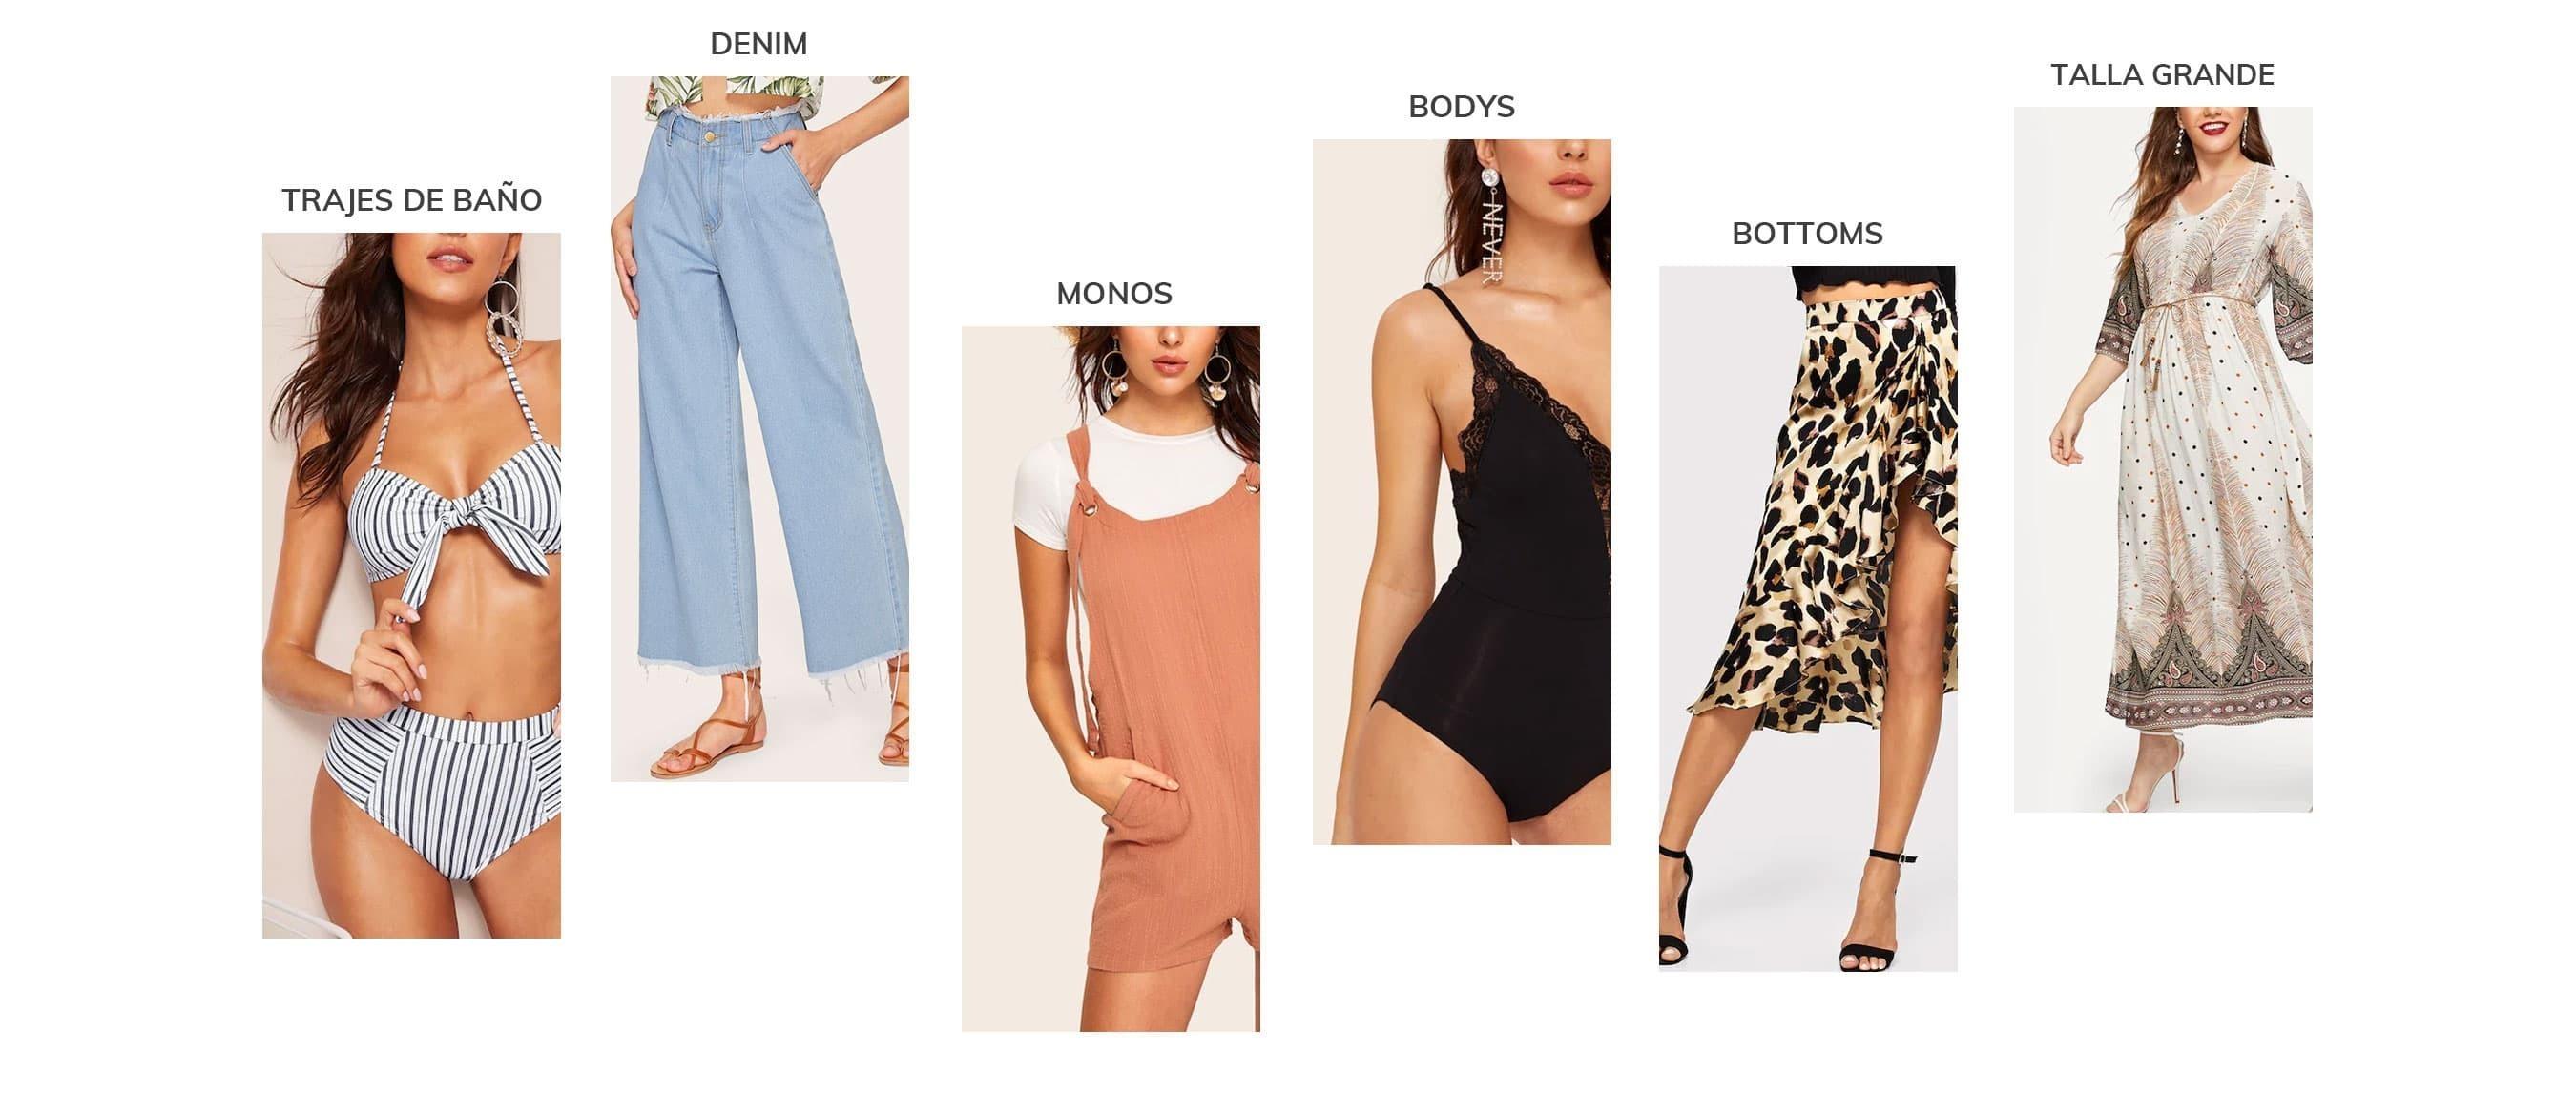 b79e21b5be076 Ropa y moda de Mujer al mejor precio online